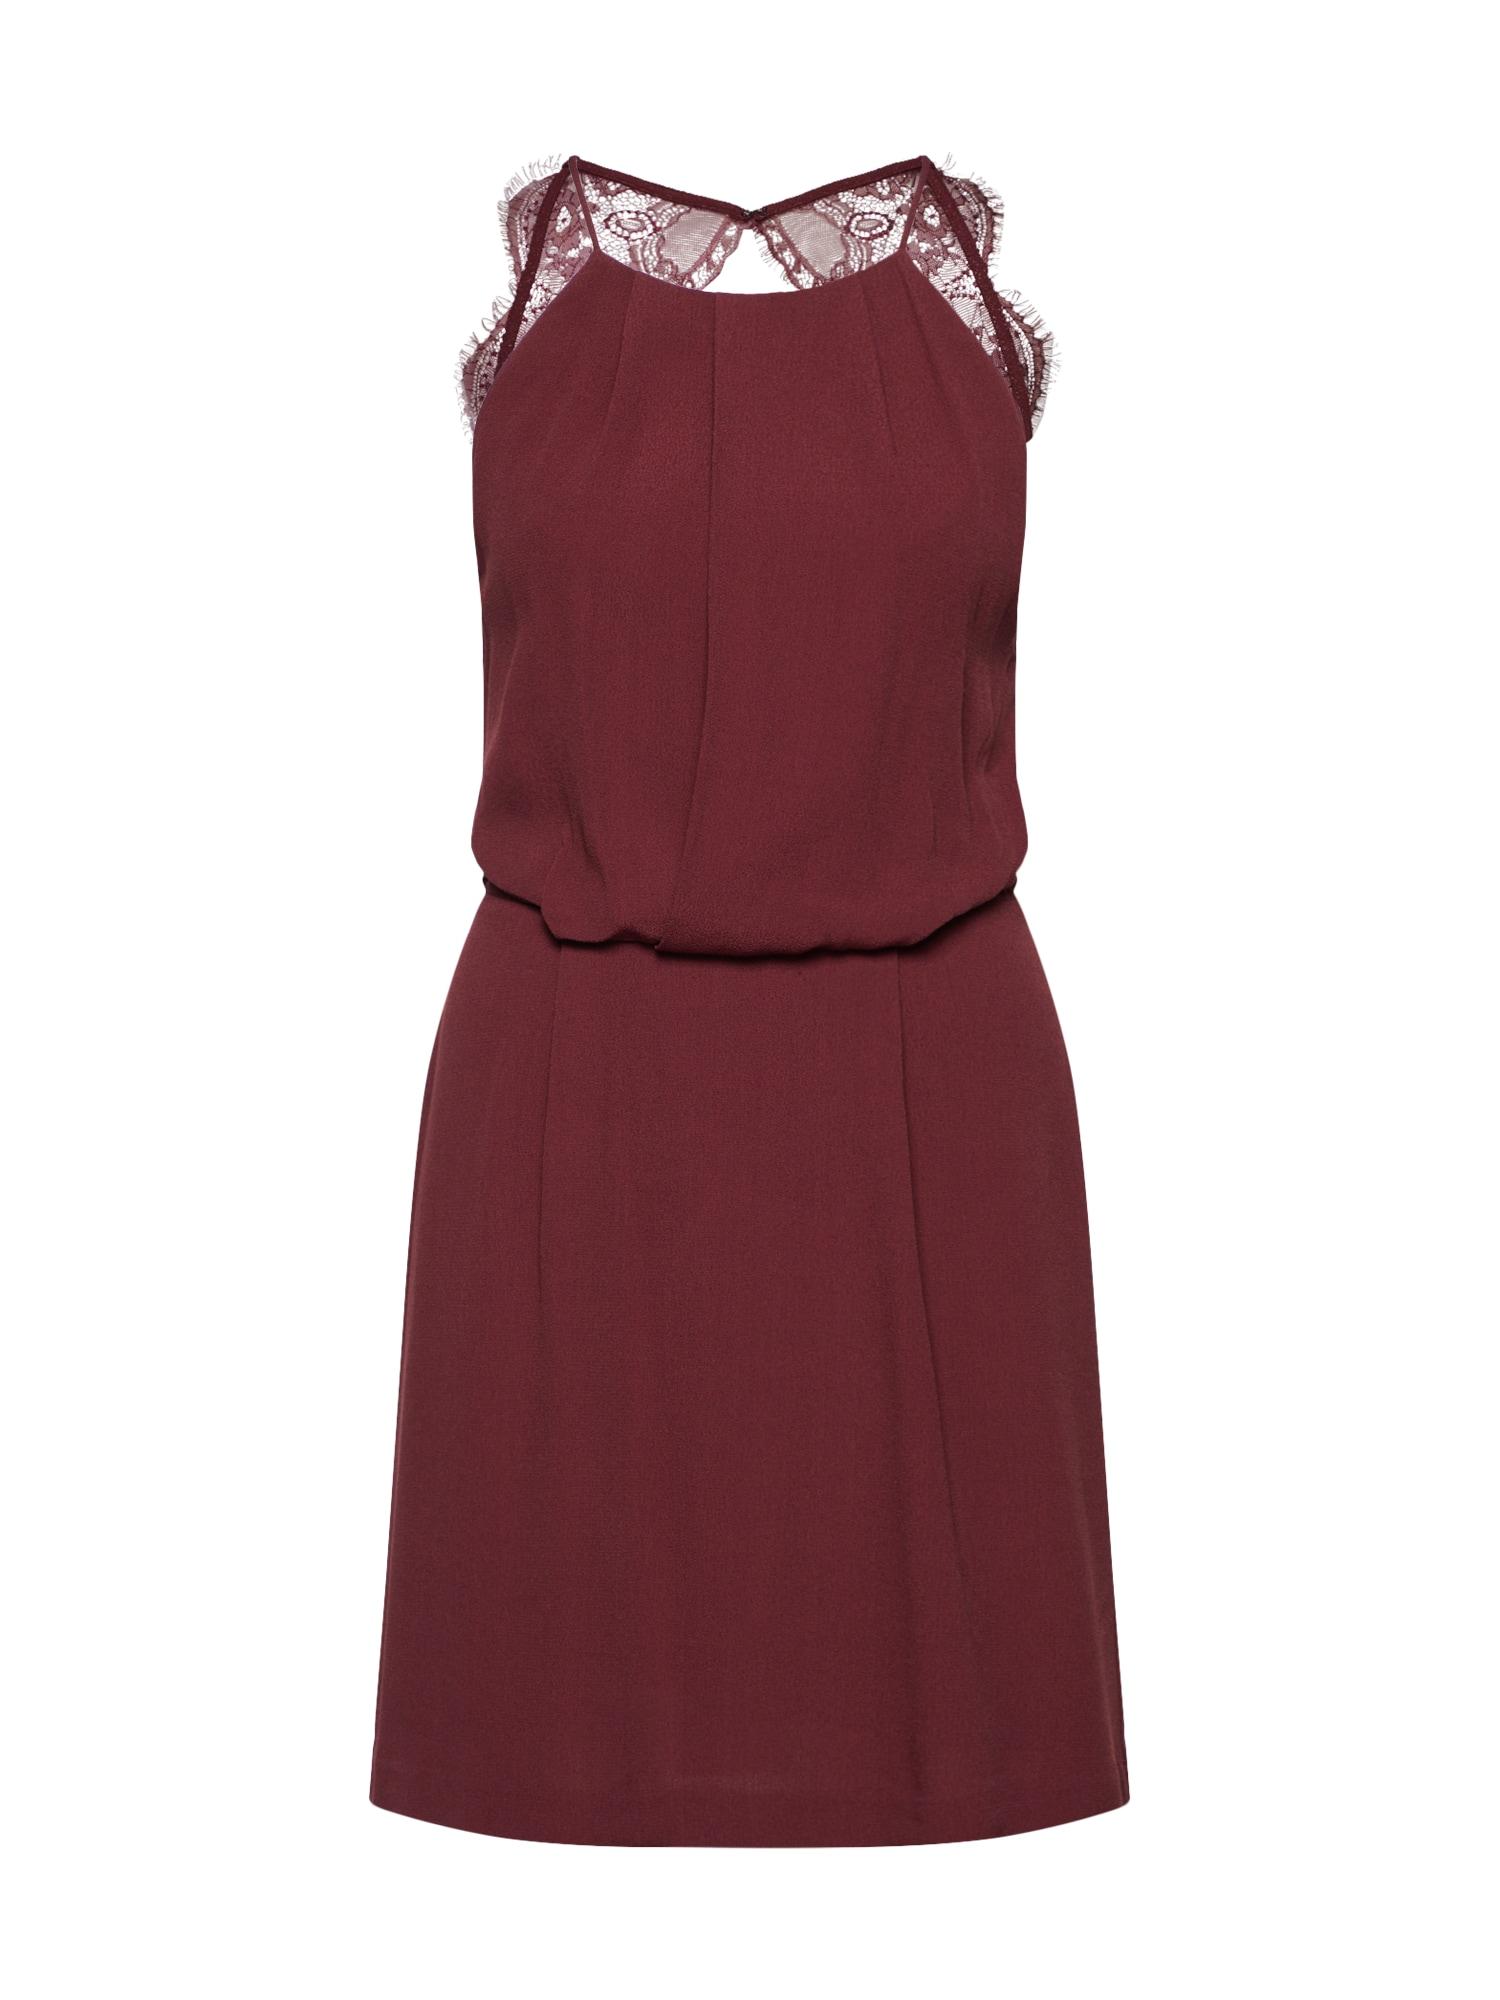 Letní šaty Willow 5687 vínově červená Samsoe & Samsoe